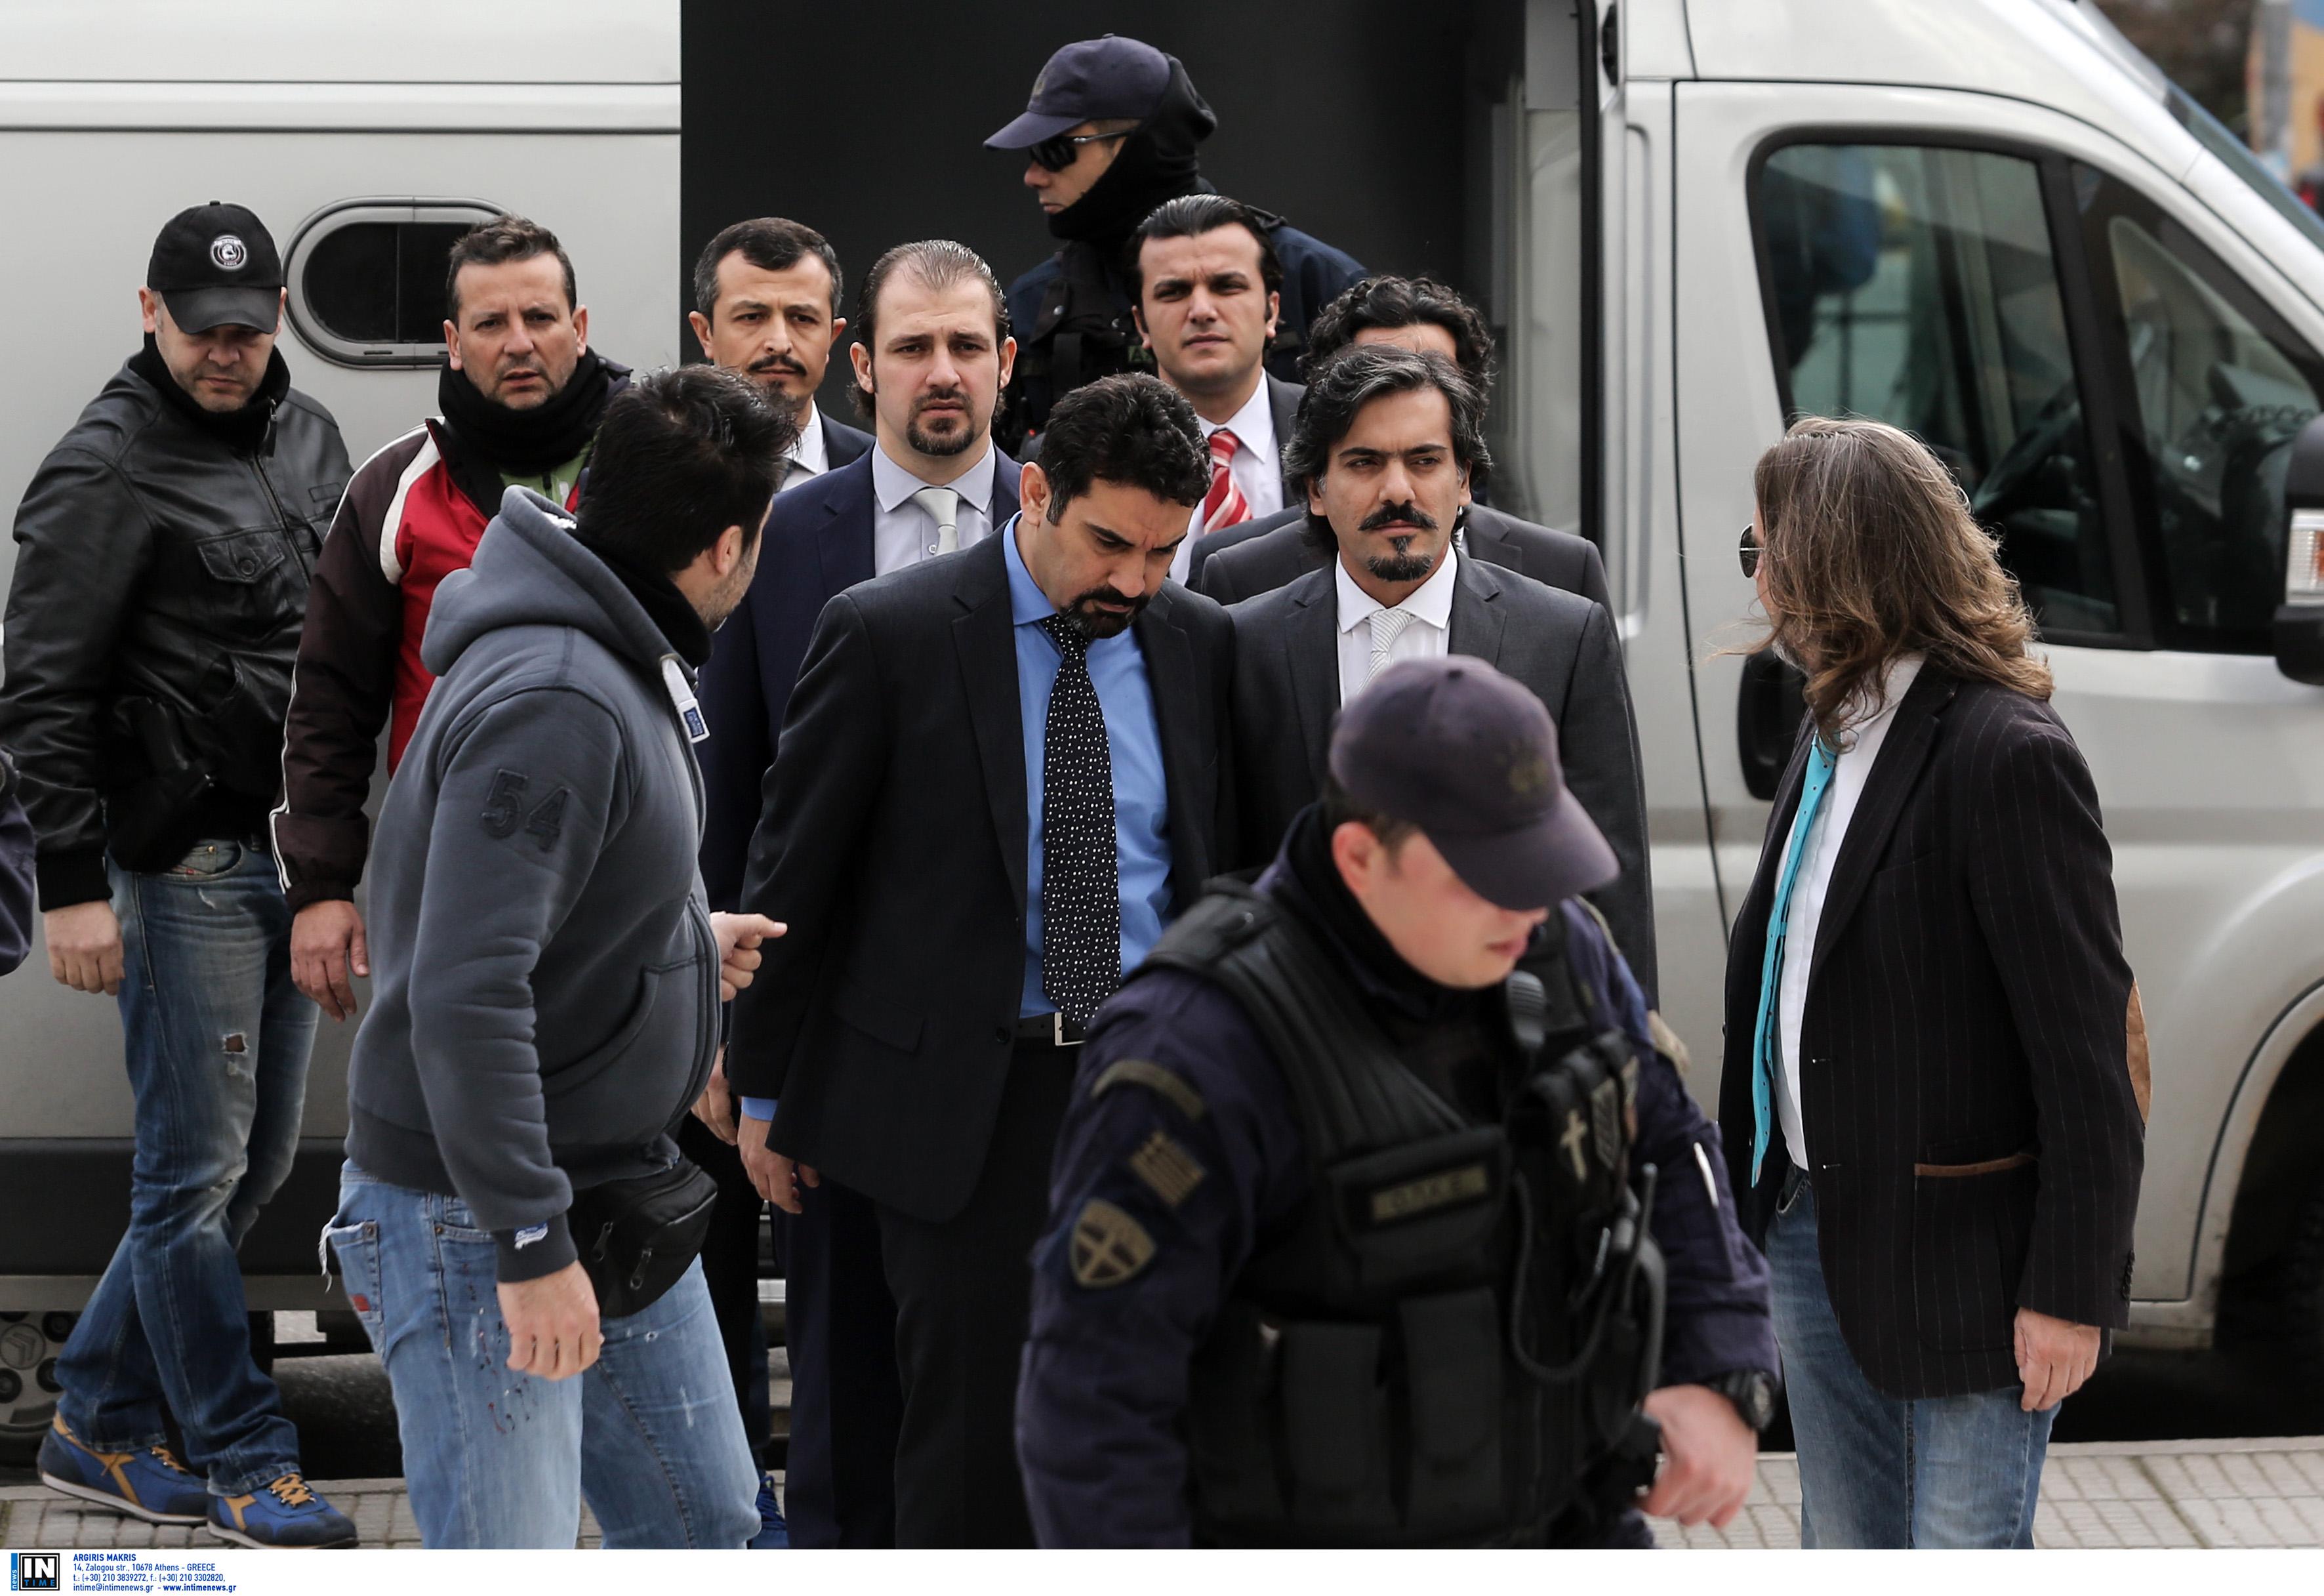 """Αποκάλυψη: Το απόρρητο σχέδιο της Τουρκίας για να πάρει πίσω τους 8 """"πραξικοπηματίες"""" - Η στρατιωτική επιχείρηση που ματαιώθηκε την τελευταία στιγμή"""